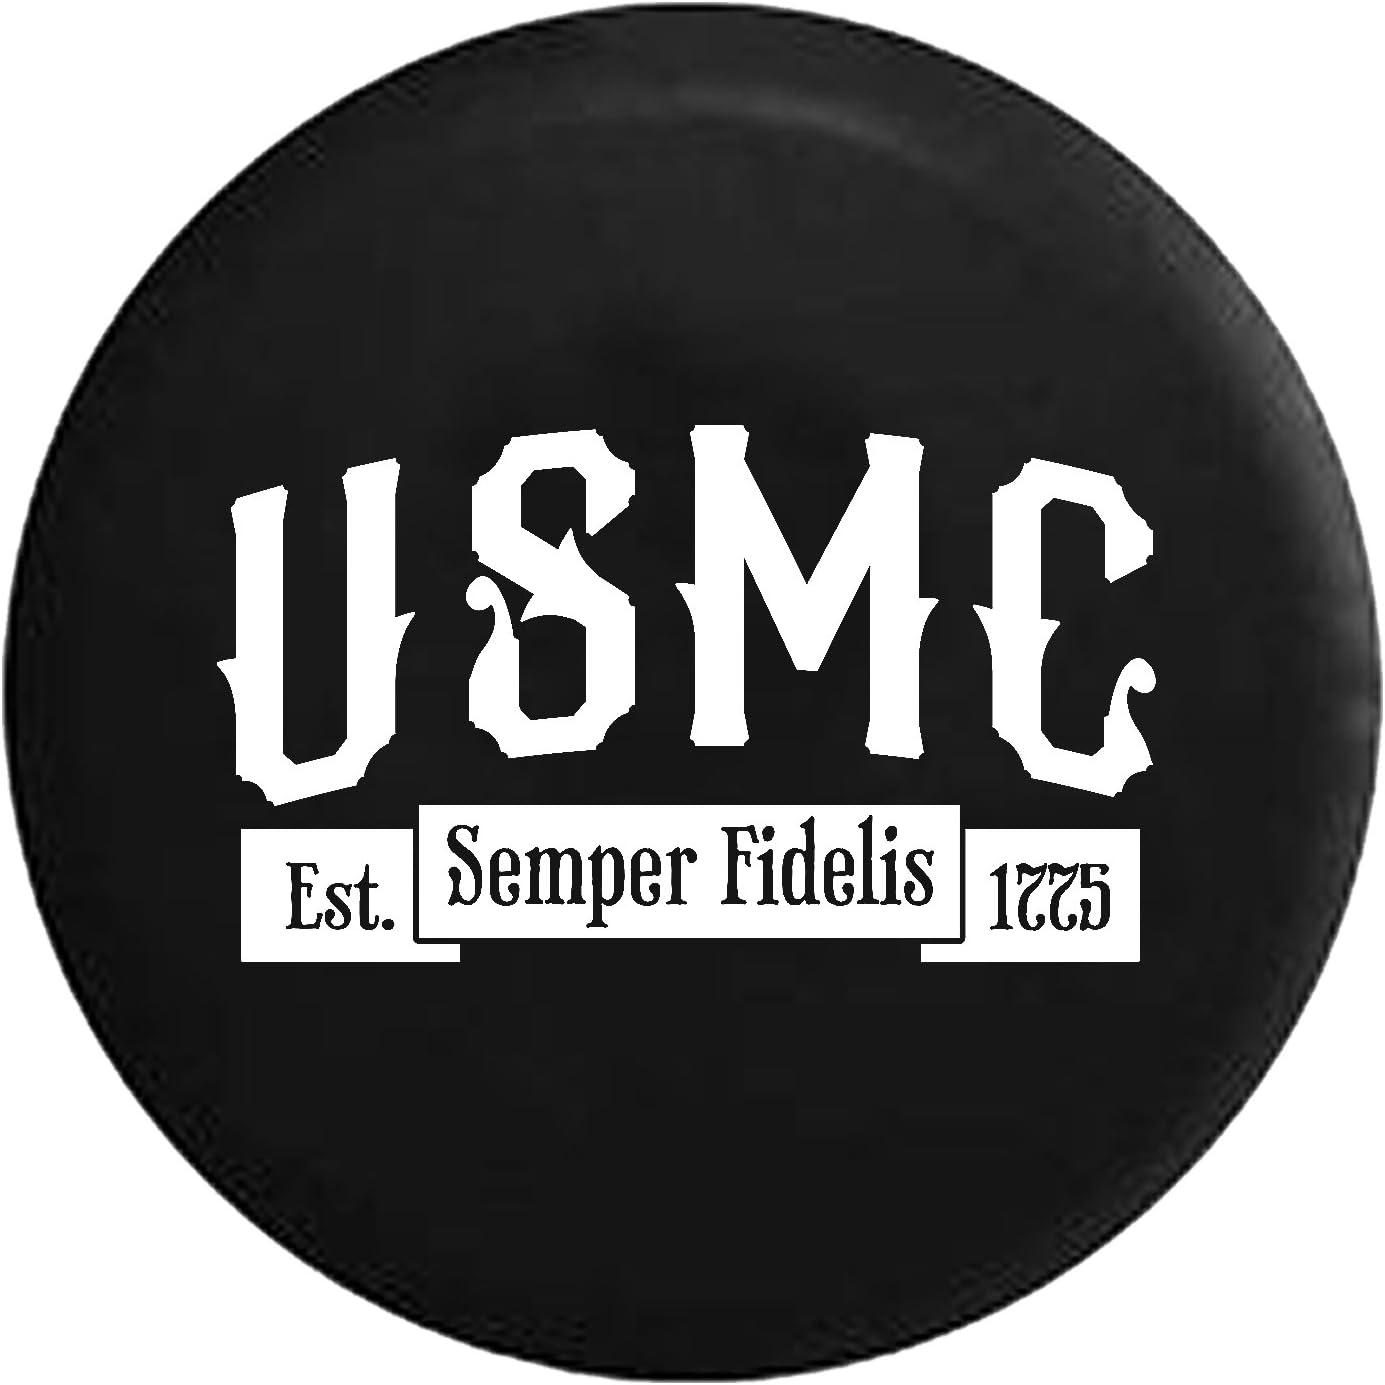 USMC Marine Corp Semper Fi American Military Spare Tire Cover fits SUV Camper RV Accessories Gray Ink 31 in